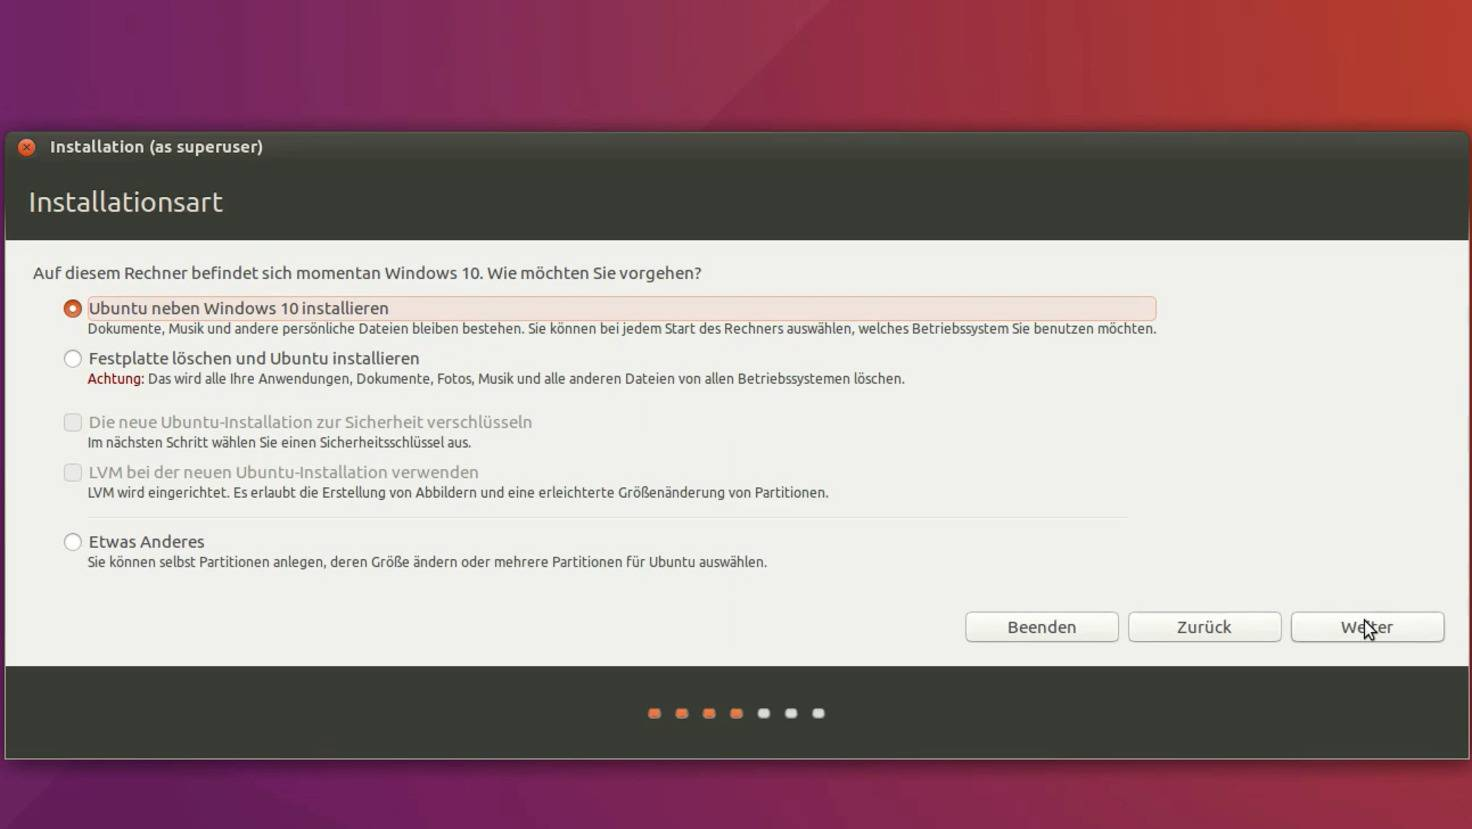 ubuntu-neben-windows-installieren-3